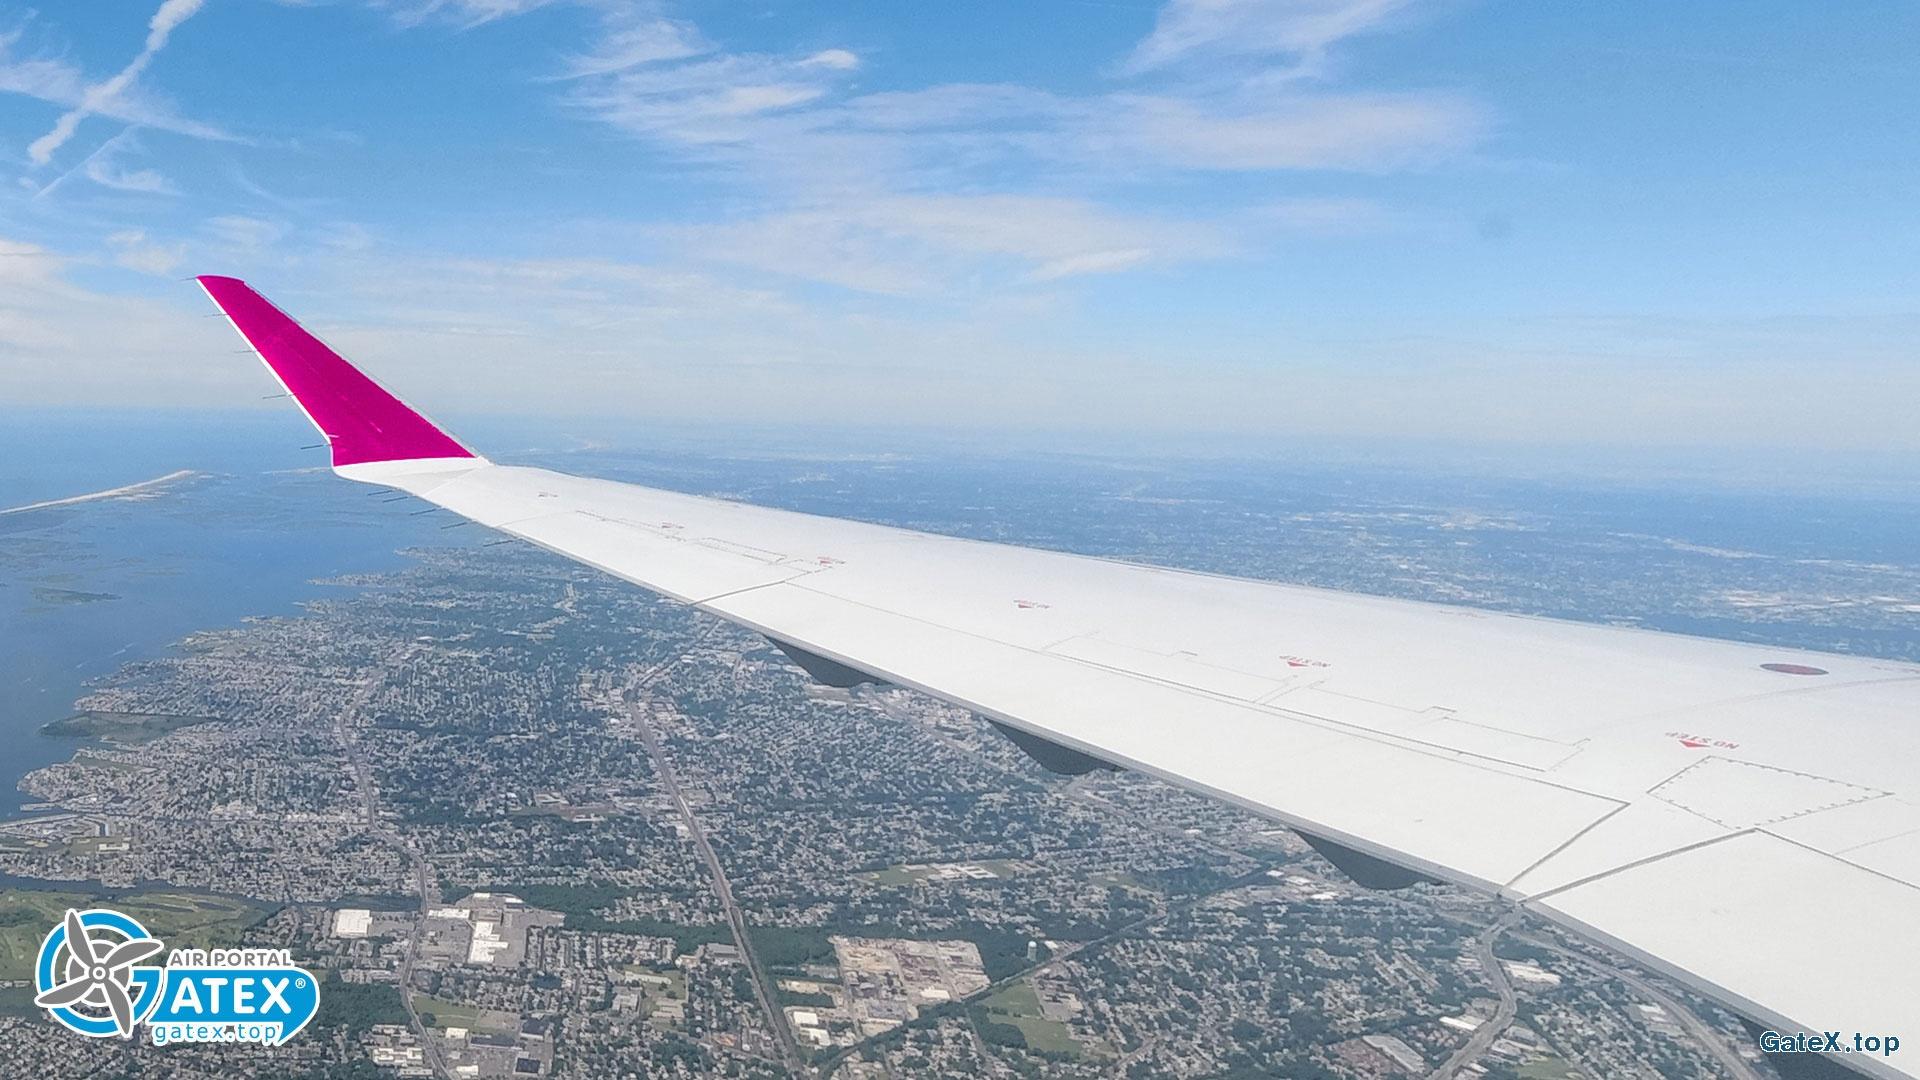 Аэропорт «Киев» открылся для регулярных международных рейсов?